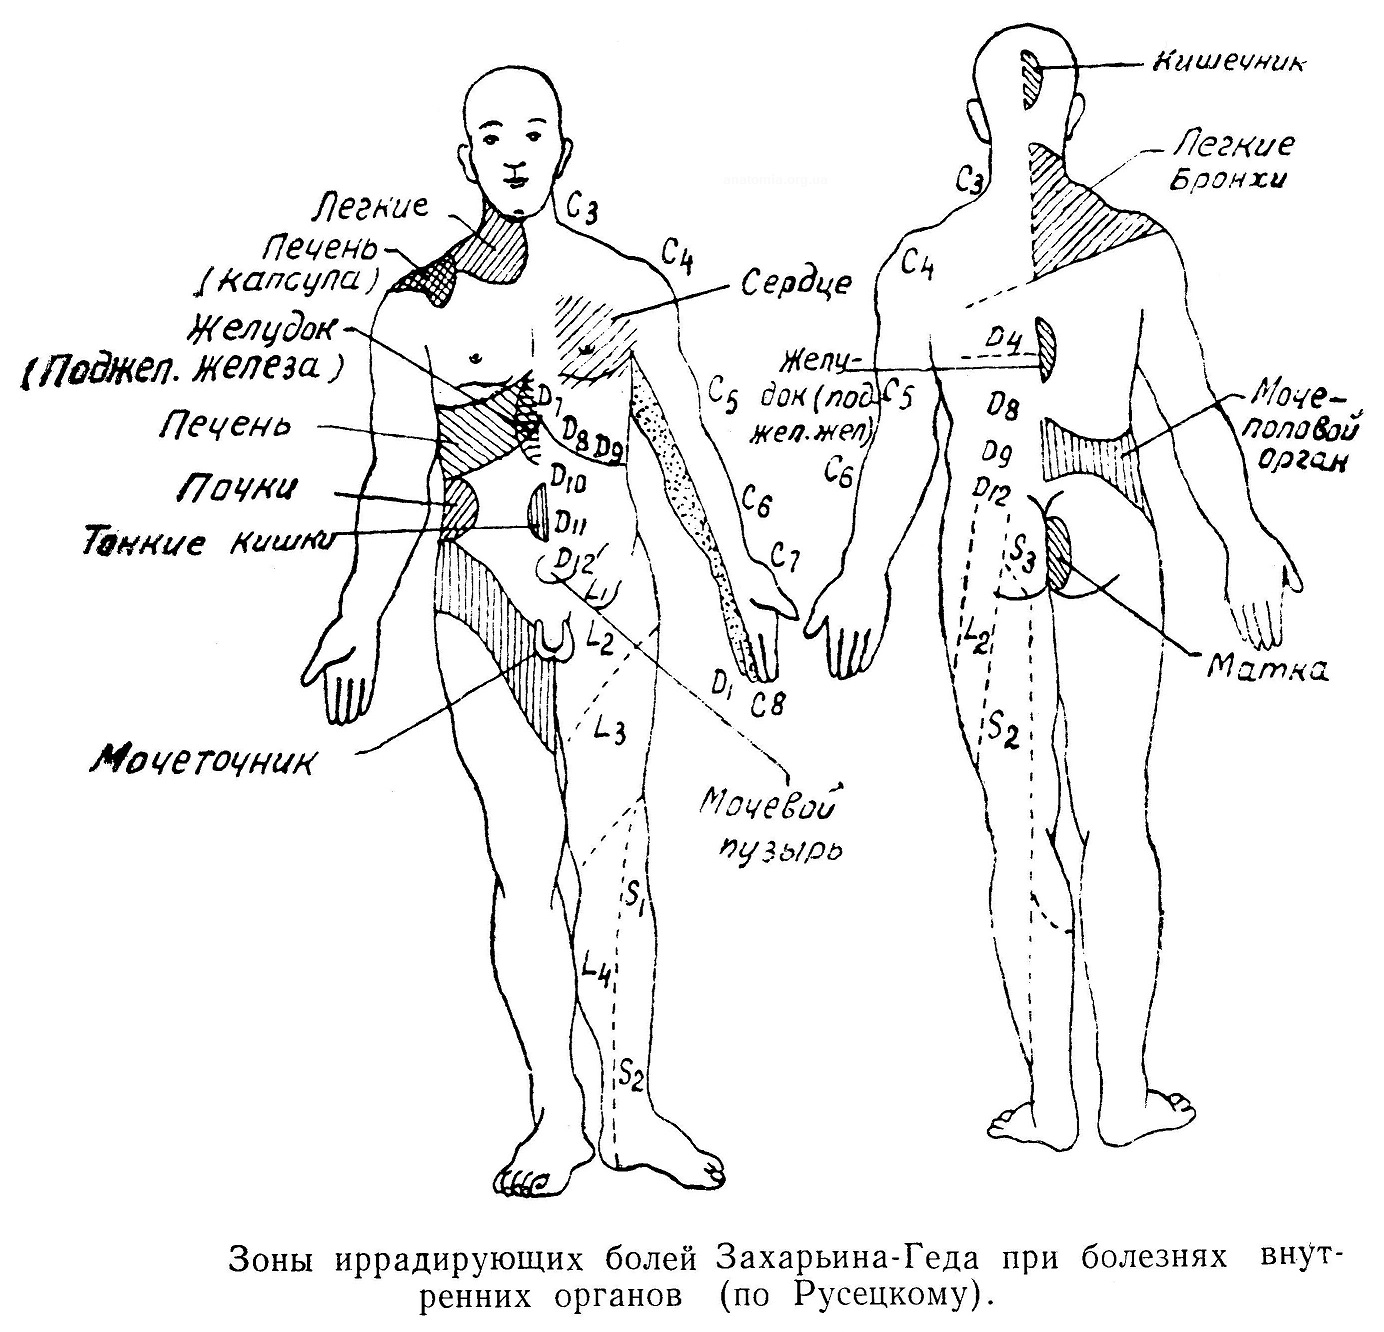 Боли «иррадирующие», Зоны иррадирующих болей